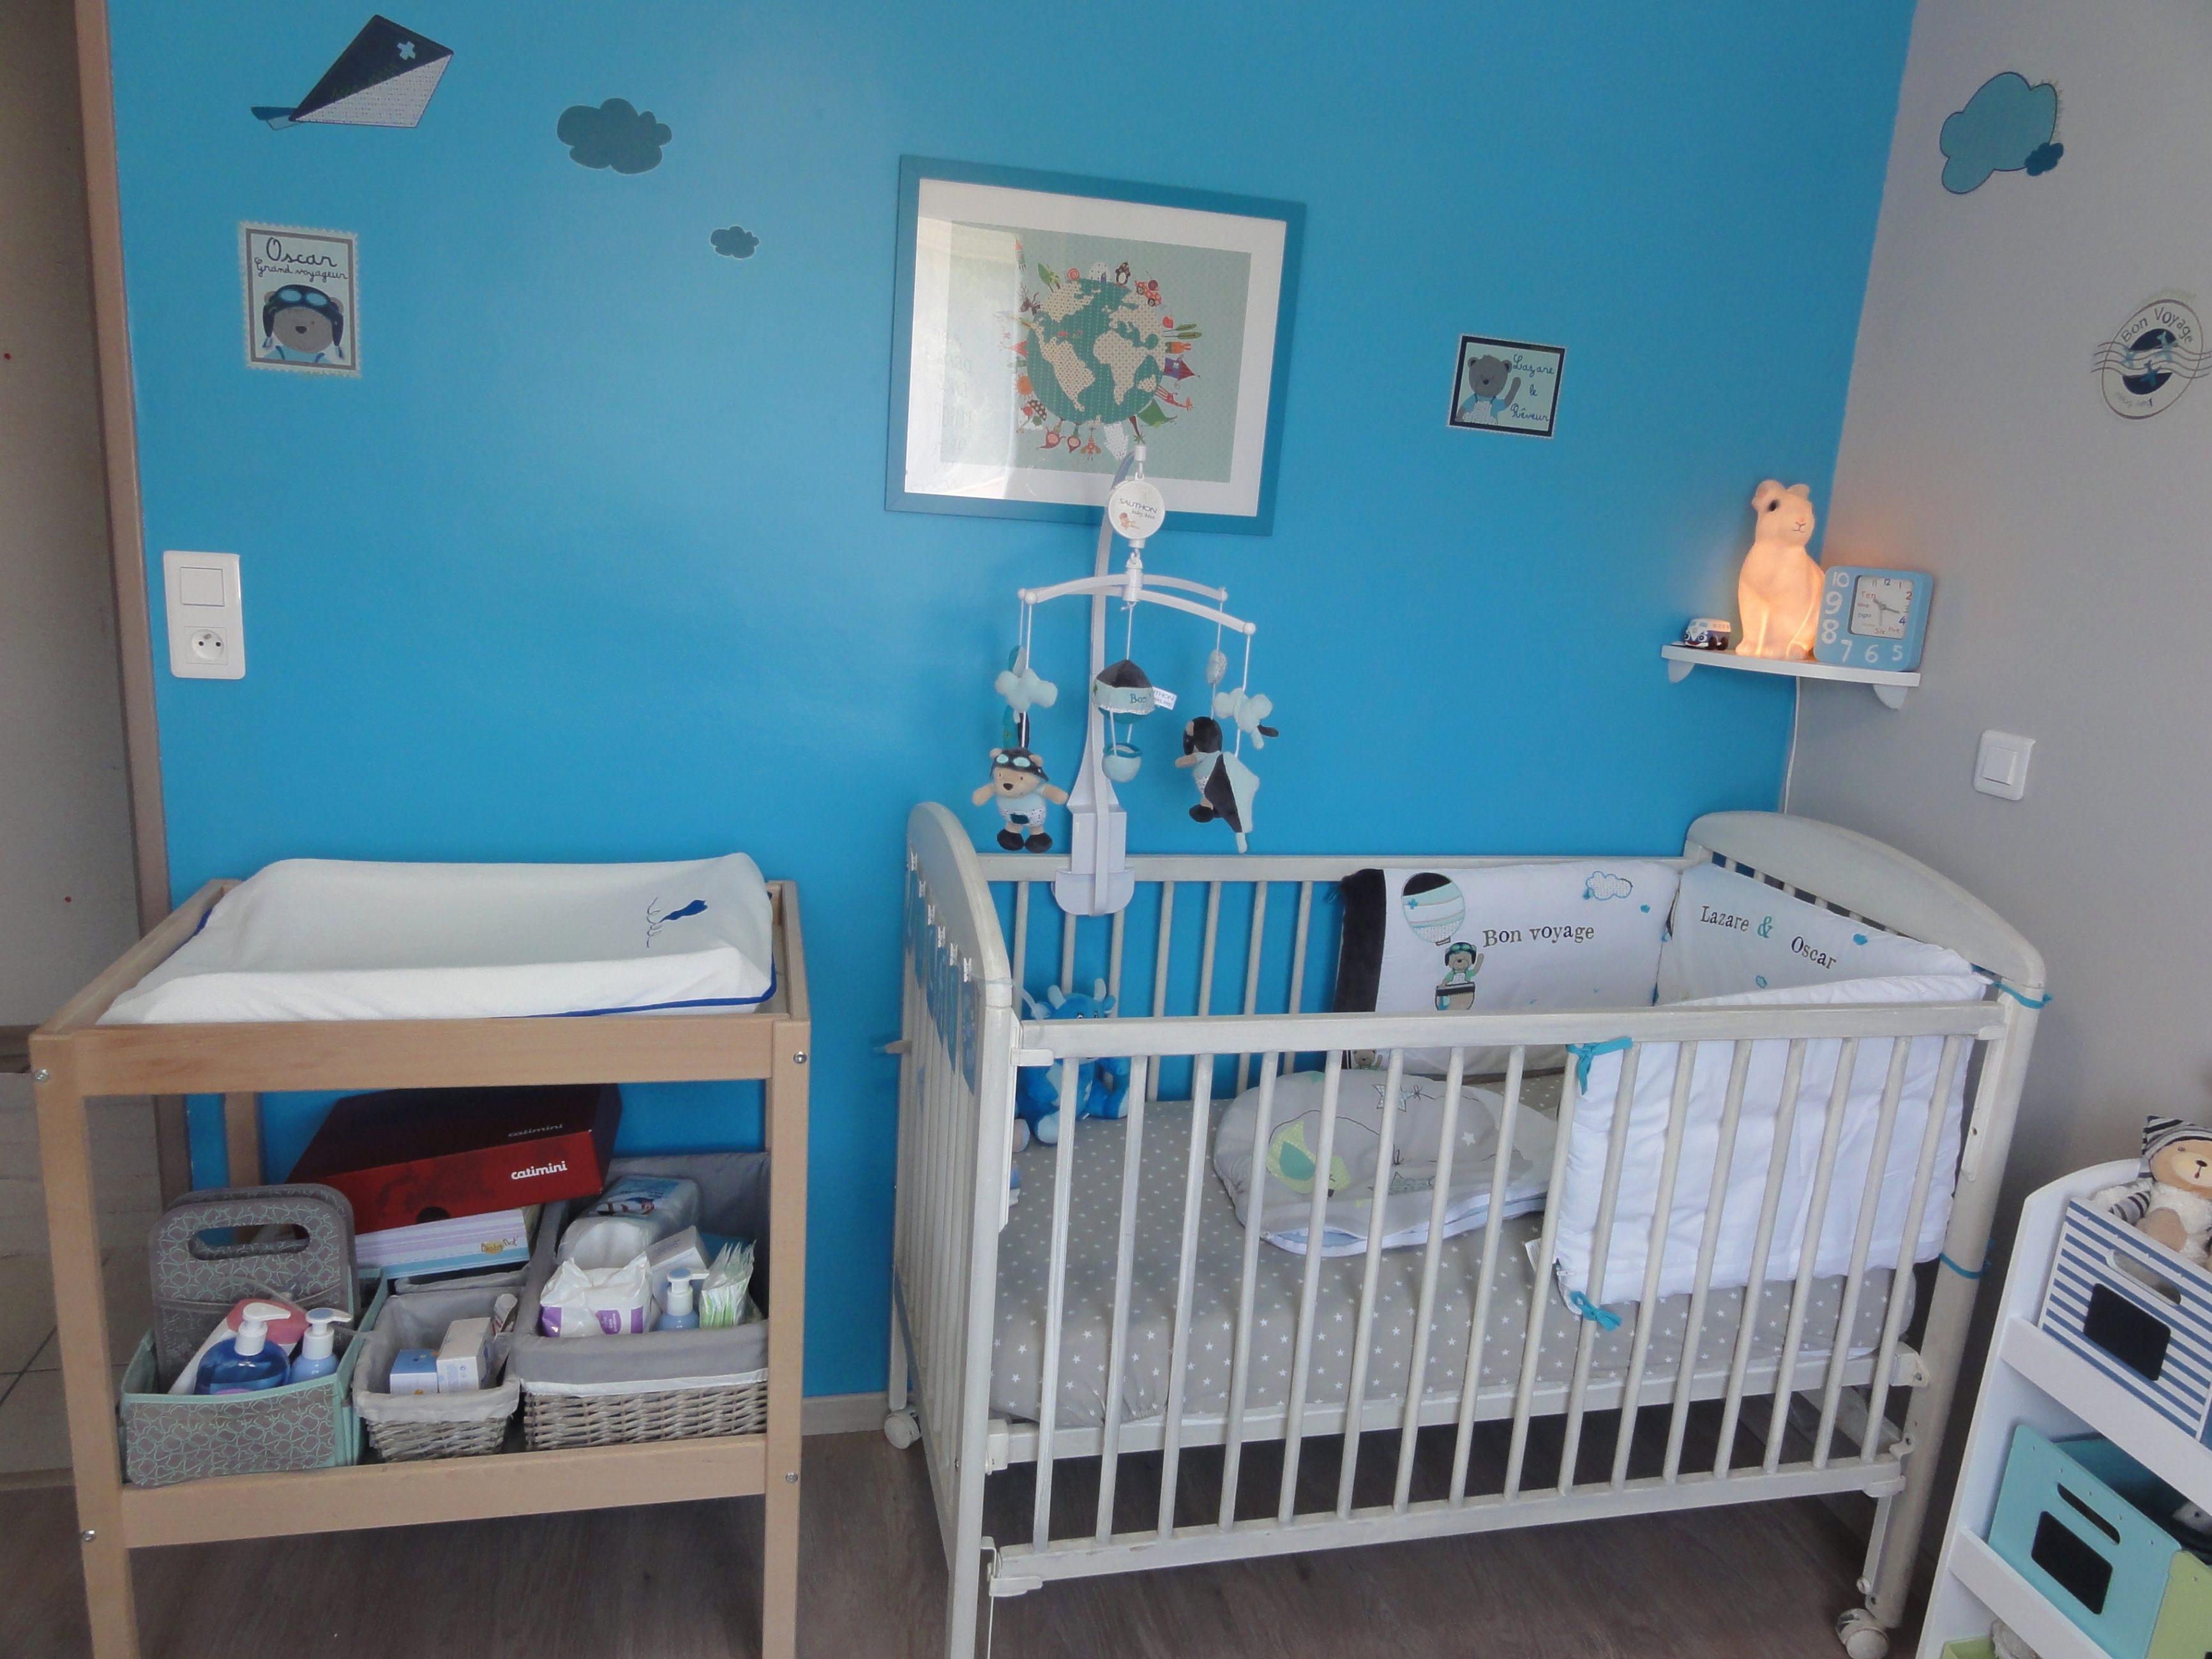 Lit Bébé Suspendu Magnifique Chambre Bébé Gris Et Blanc — Laguerredesmots